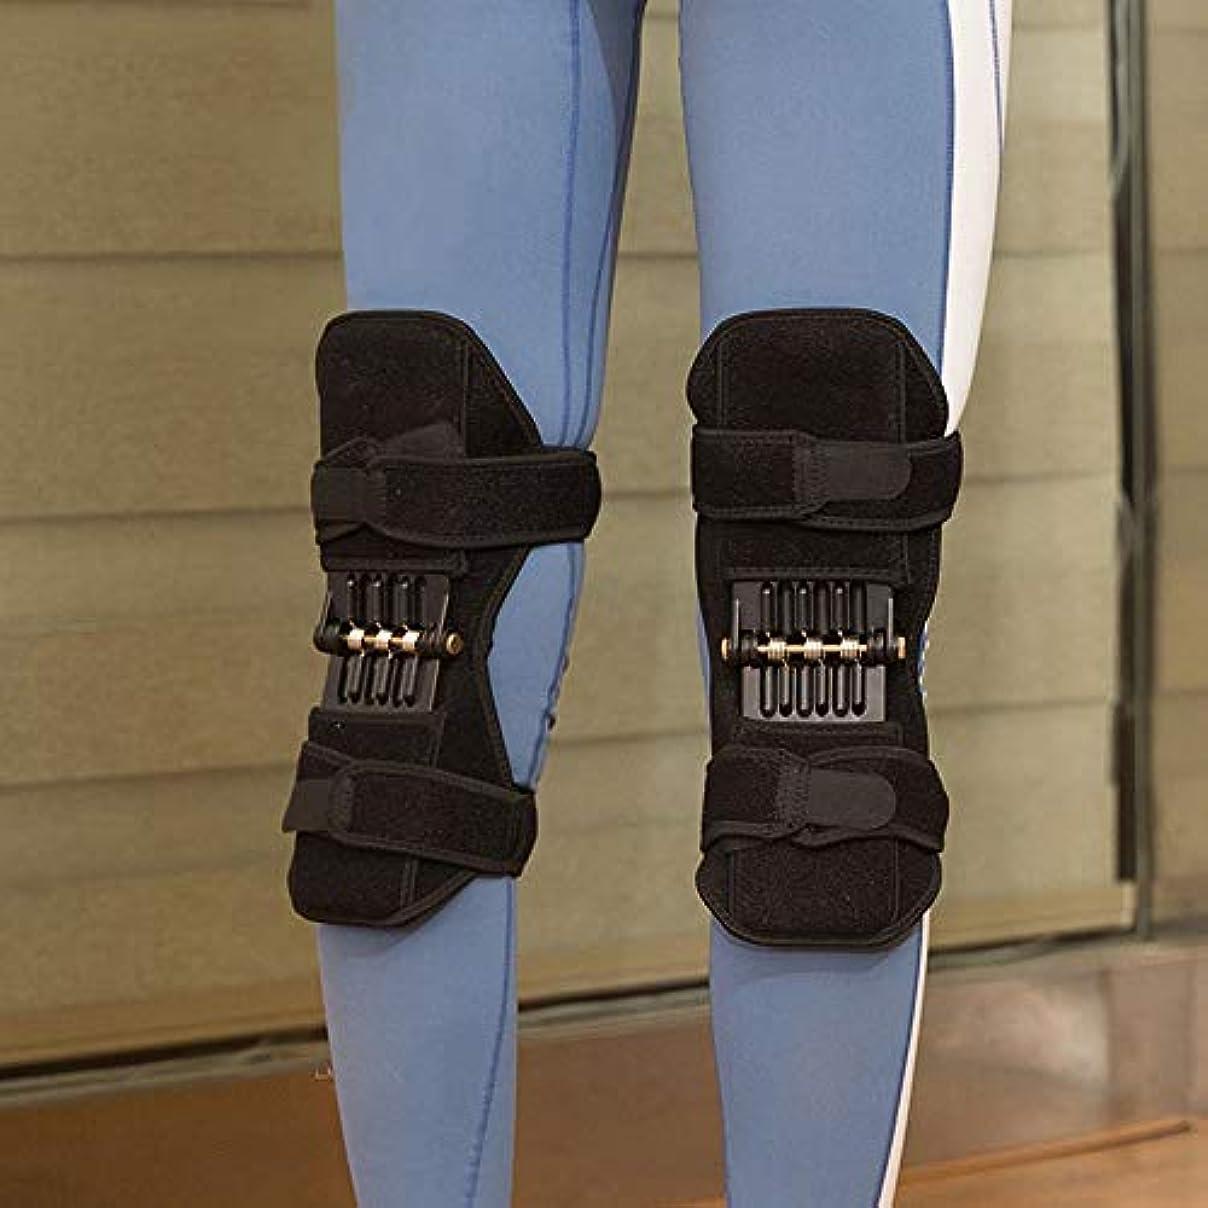 地殻位置づける前提条件1 ペアスポーツ 春の膝 ストラップ 登山 ランニング 膝 ブースター 膝 パッド 膝関節保護 マッサージツール